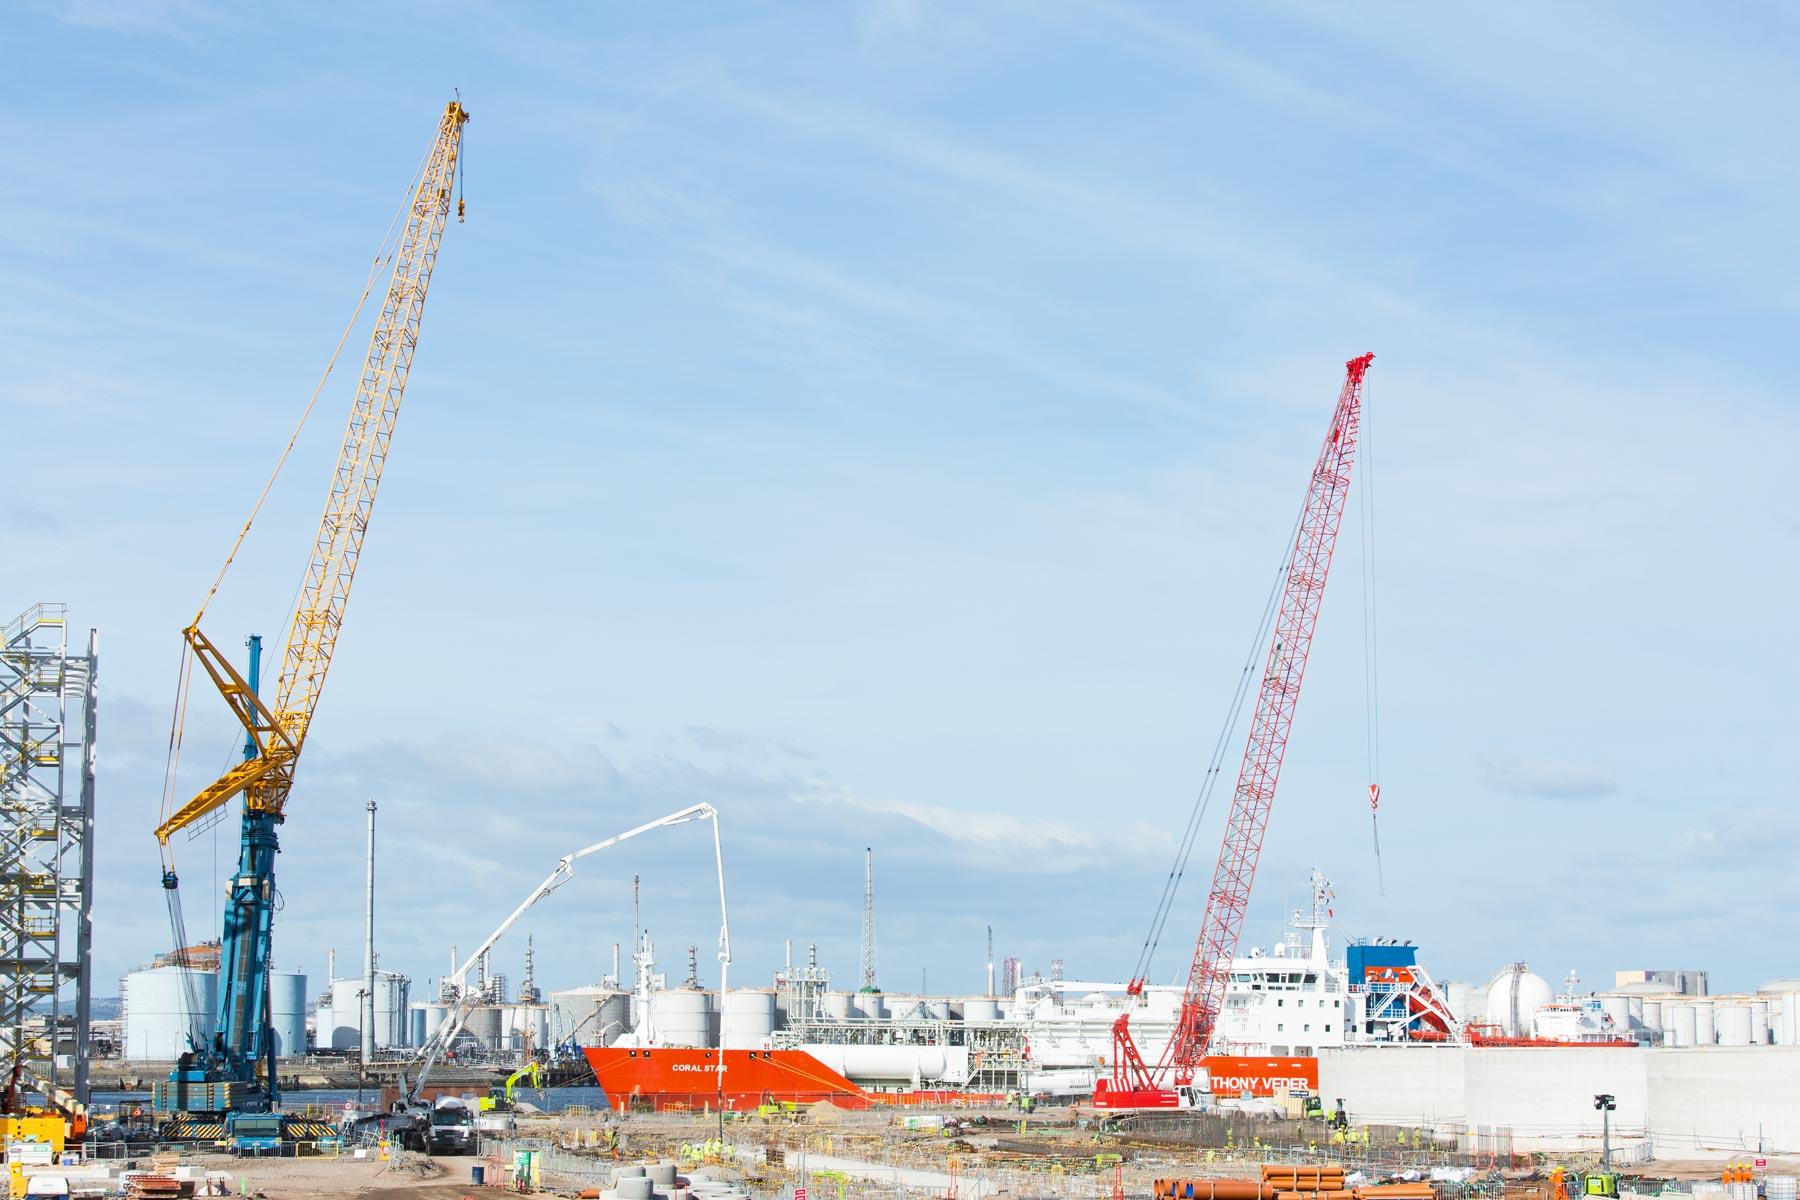 Fuel silos